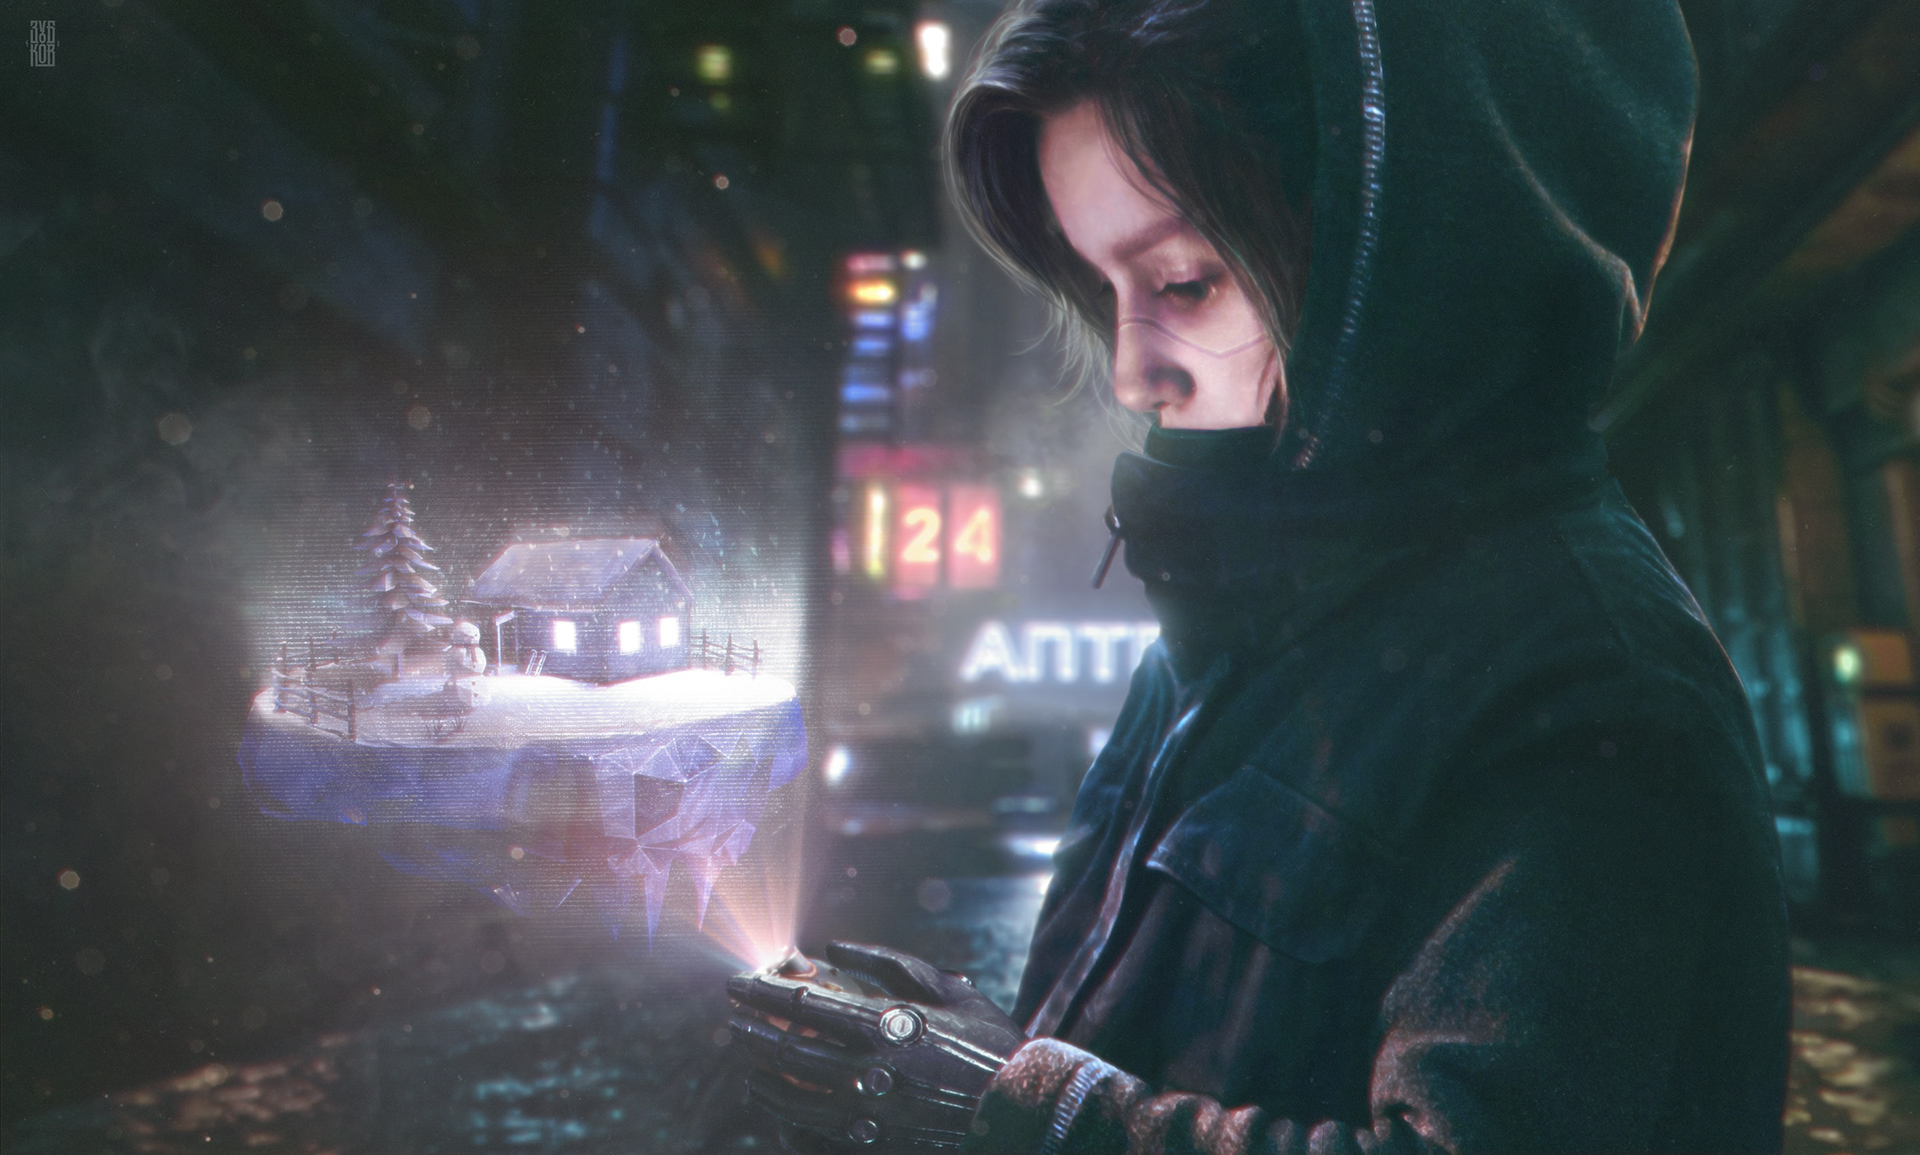 Les créations Cyberpunk d'Evgeny Zubkov